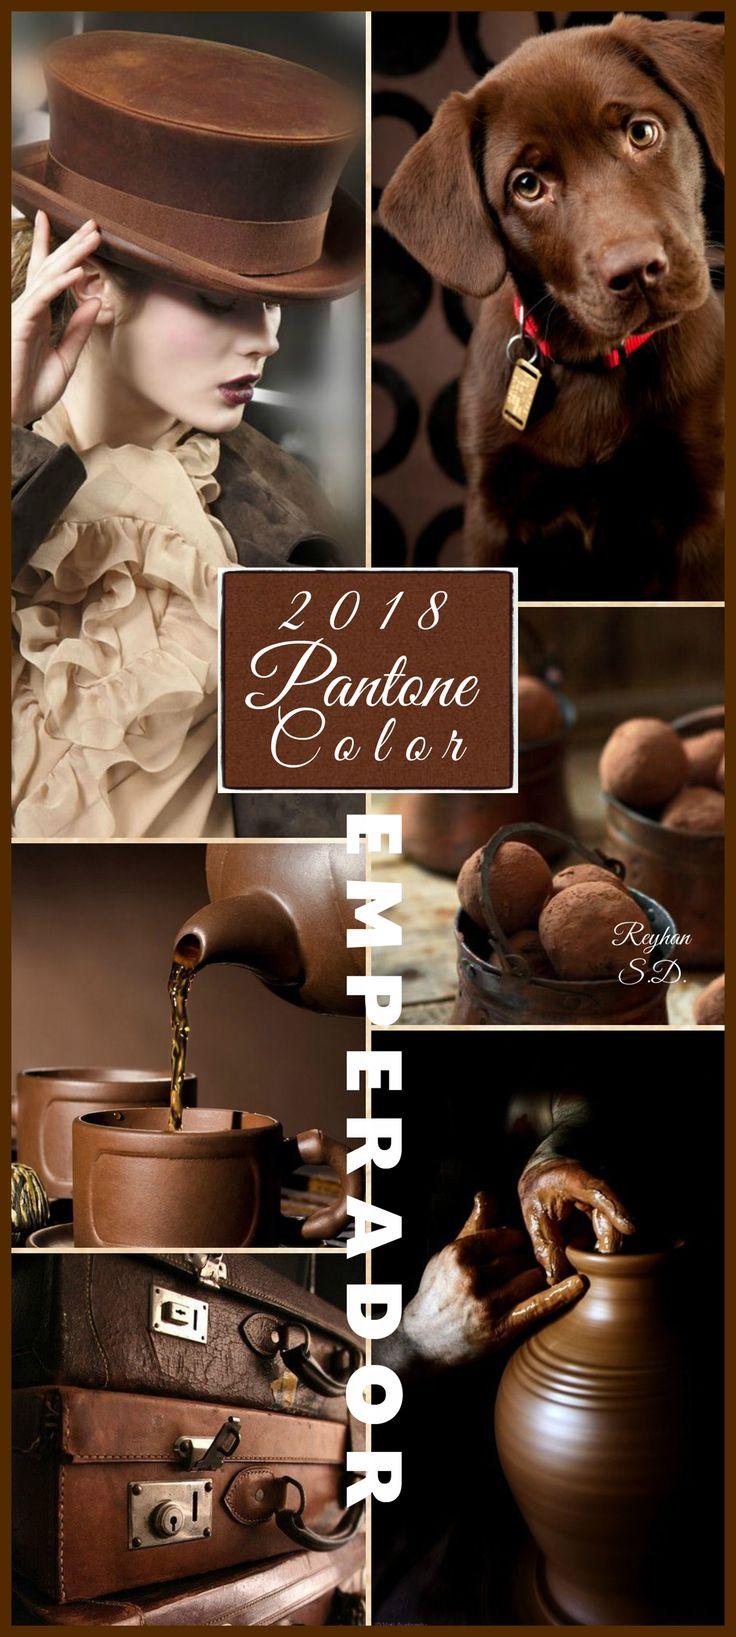 '' Emperador- 2018 Pantone Color '' by Reyhan S.D